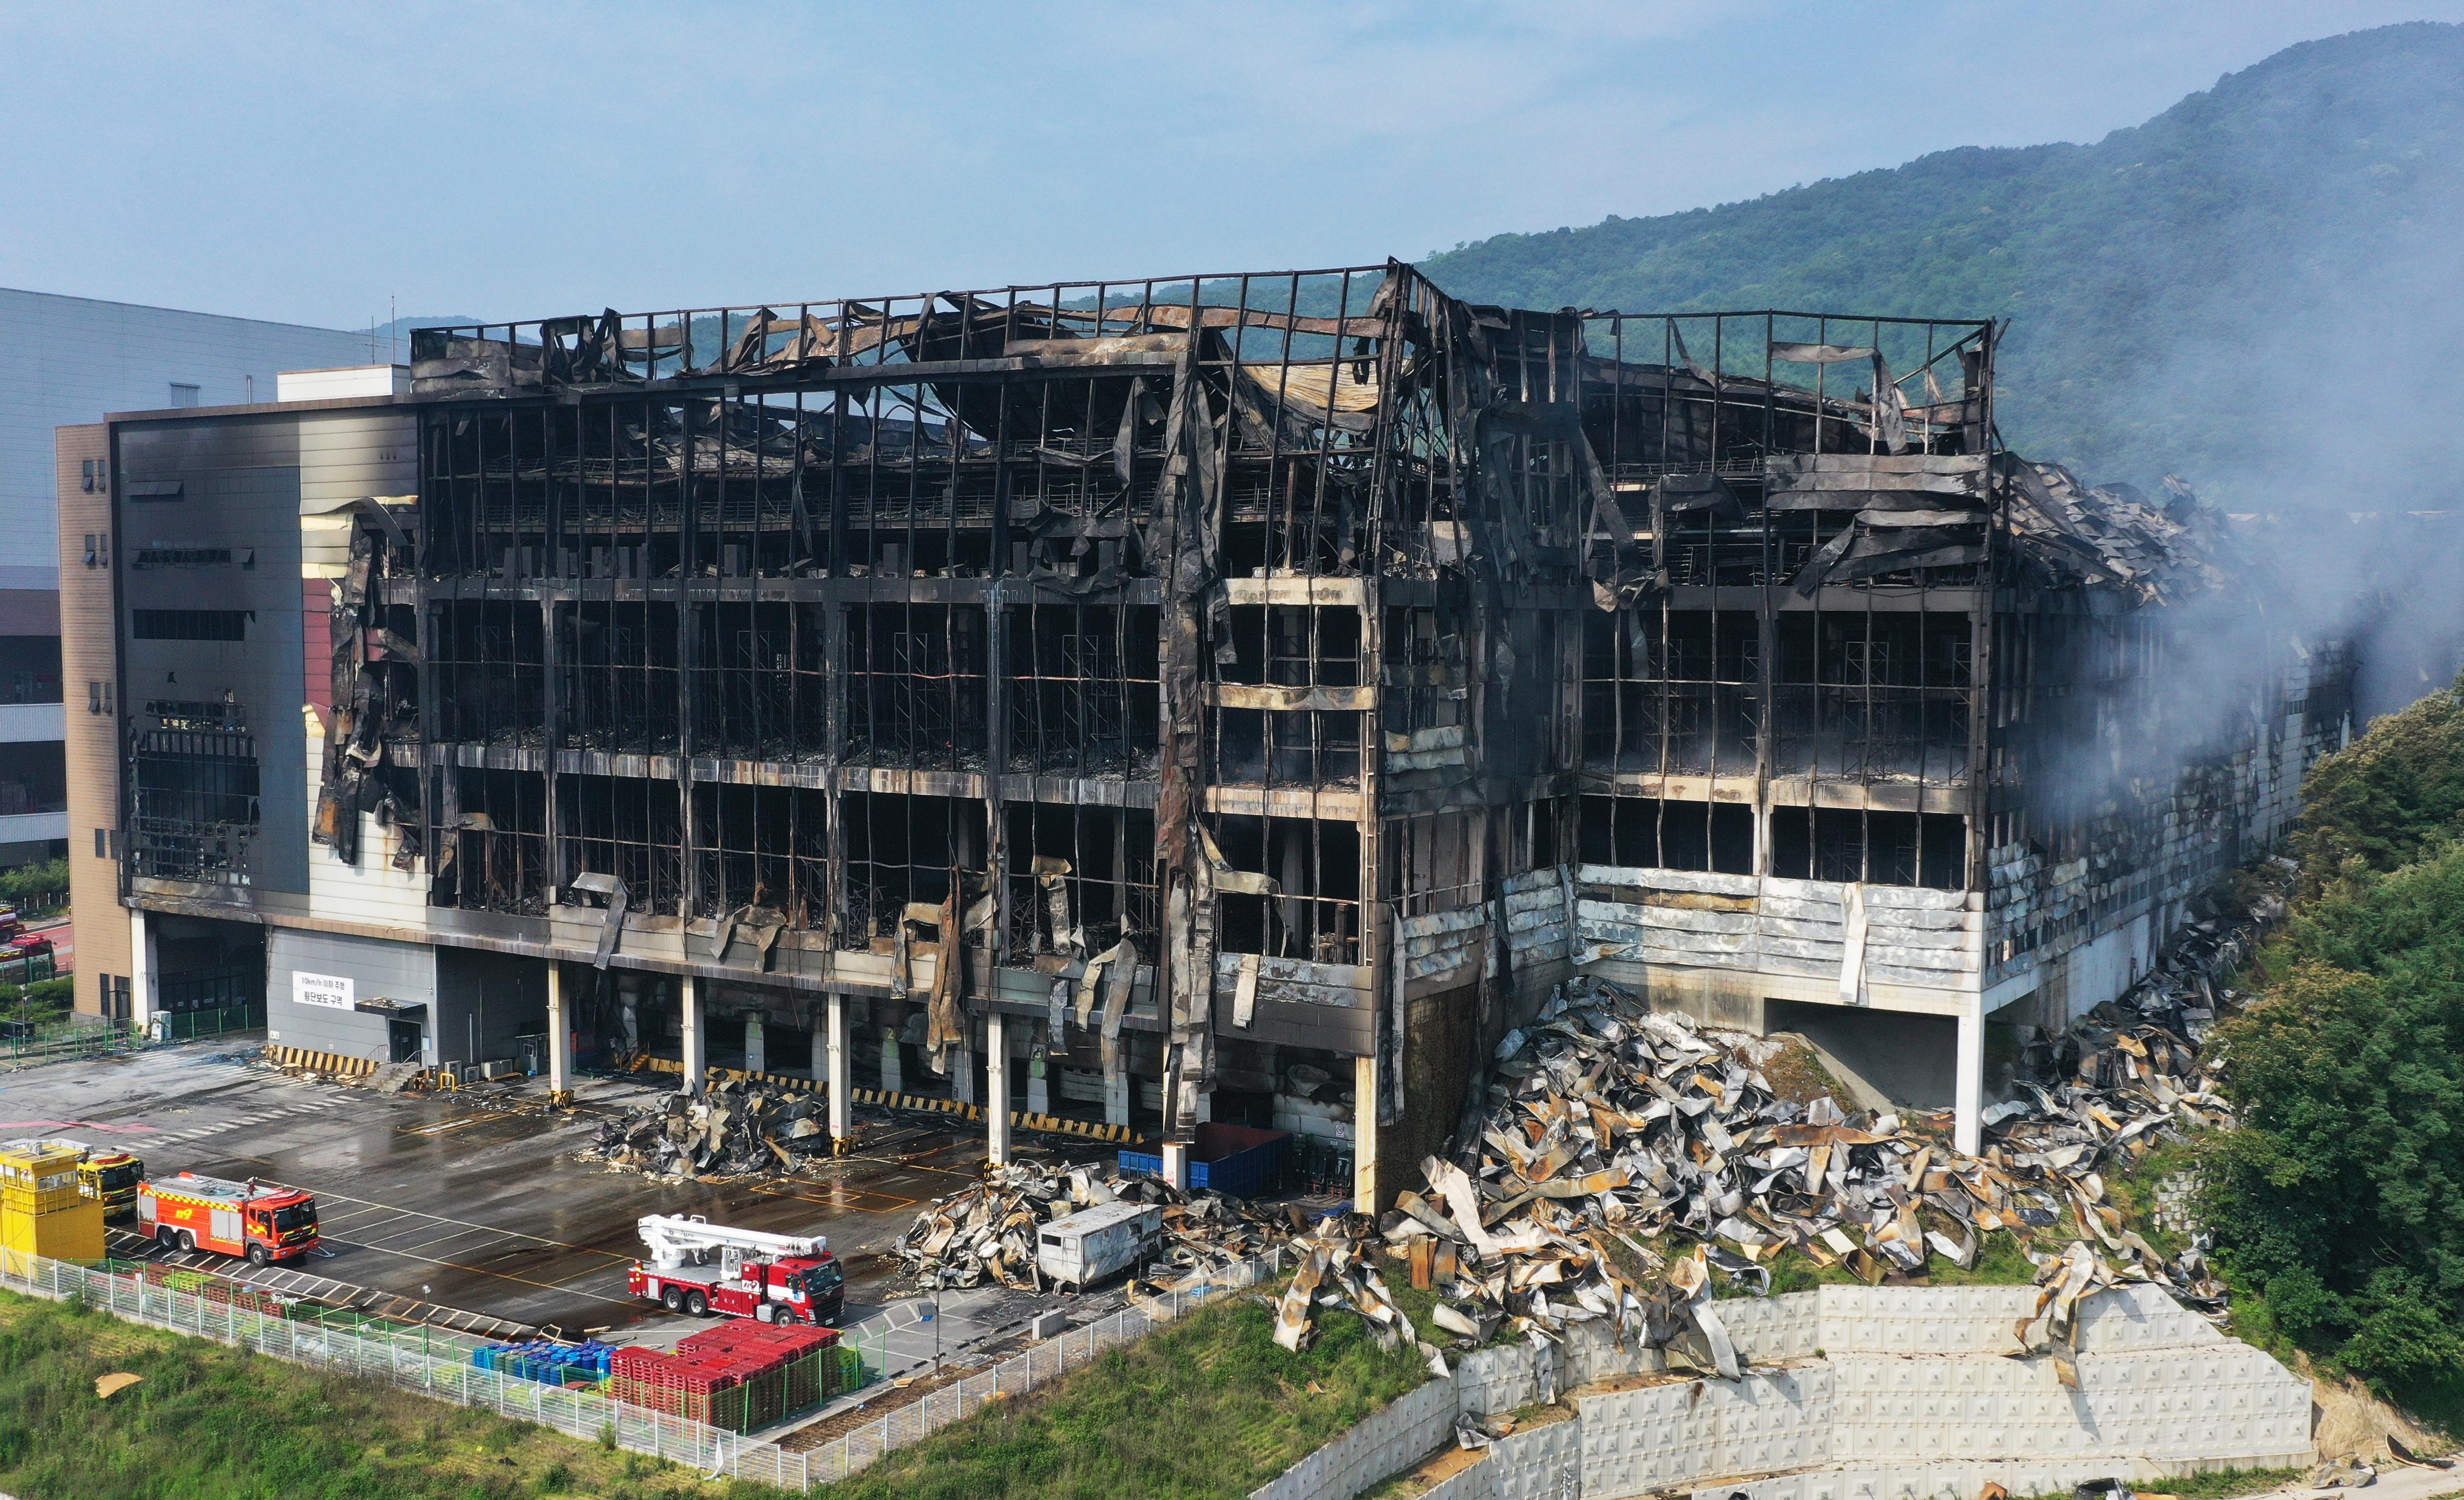 ▲▼南韓最大電商Coupang位於京畿道利川市的德坪物流中心,被燒到只剩下焦黑骨架,宛若砲擊般。(圖/達志影像/newscom)